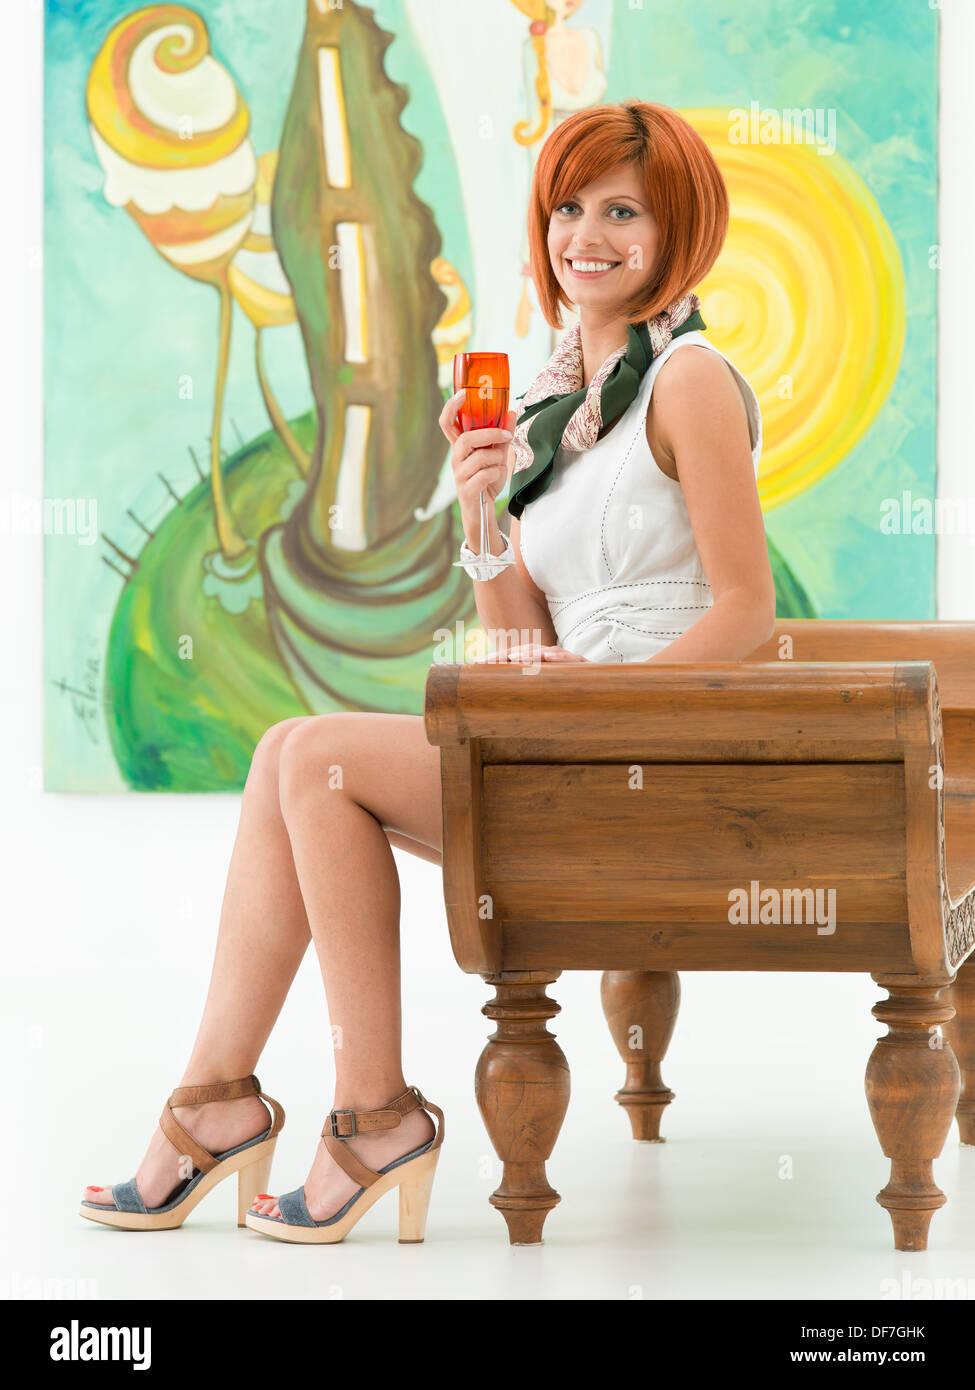 Close-up of young attractive happy woman sitting in an art gallery, tenant un verre rouge champane, avec des œuvres d'art colorées en arrière-plan Banque D'Images